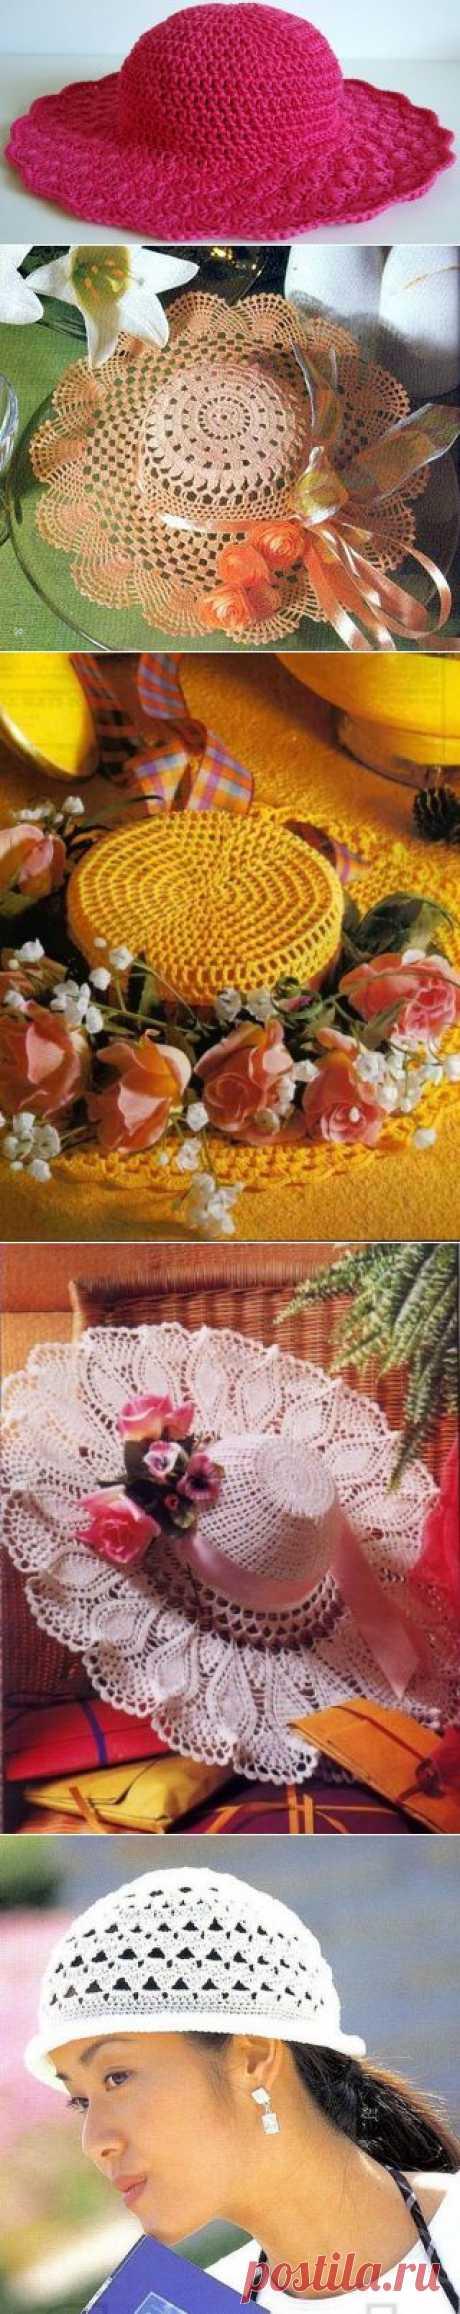 Схемы вязания крючком: шляпки ажурные | Ladiesvenue